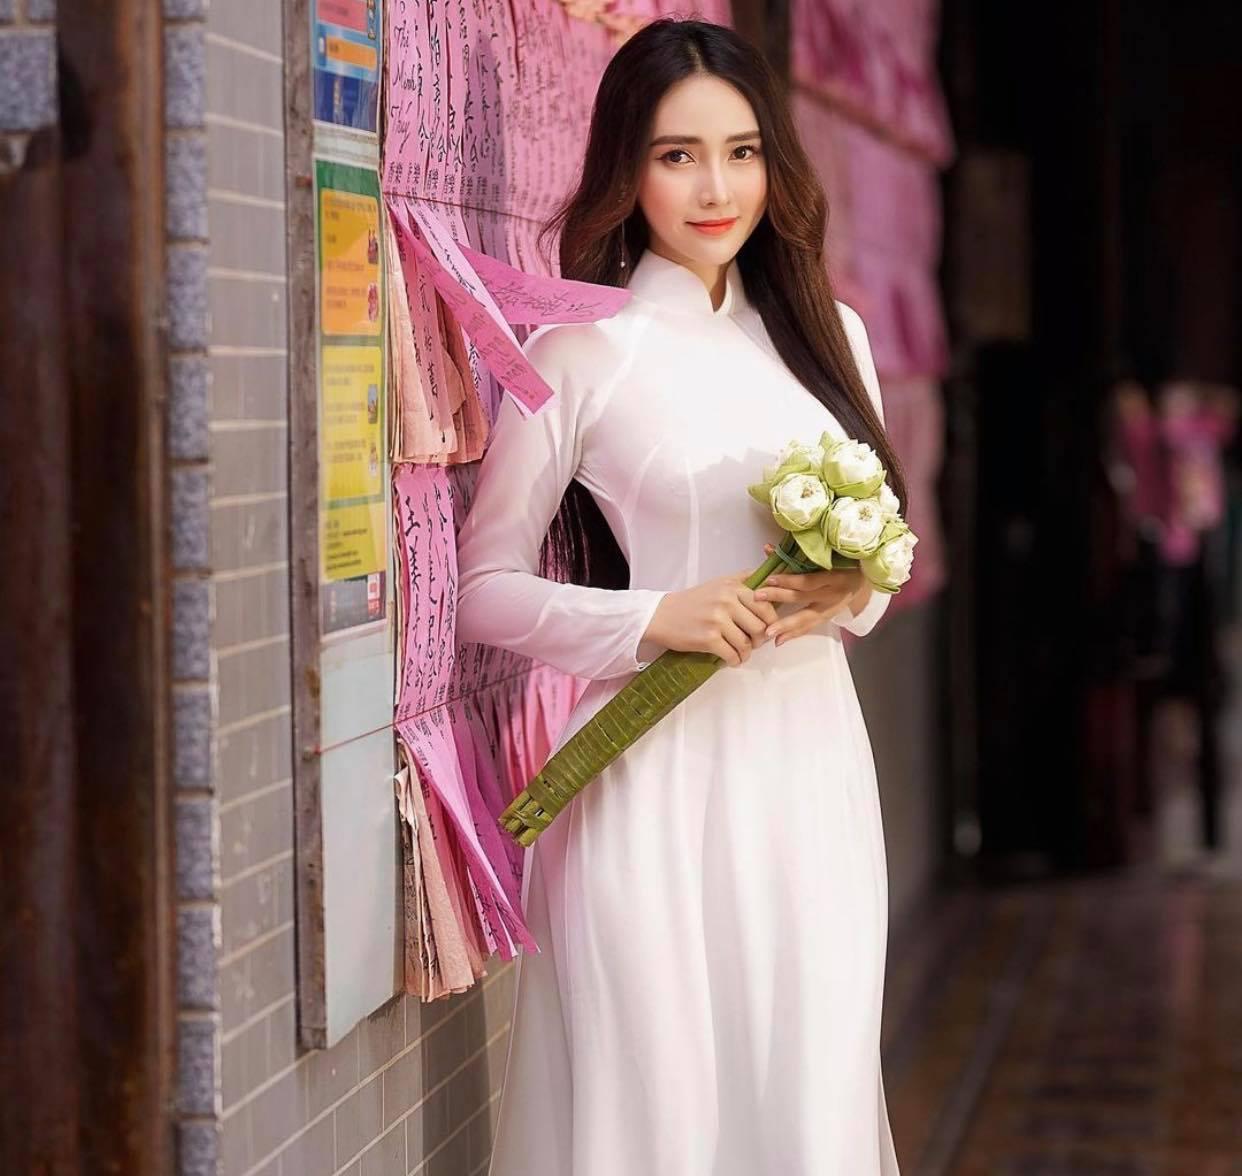 Người đẹp Việt mặc áo dài mỏng tang như tờ giấy đến chốn trang nghiêm gây bức xúc - 6